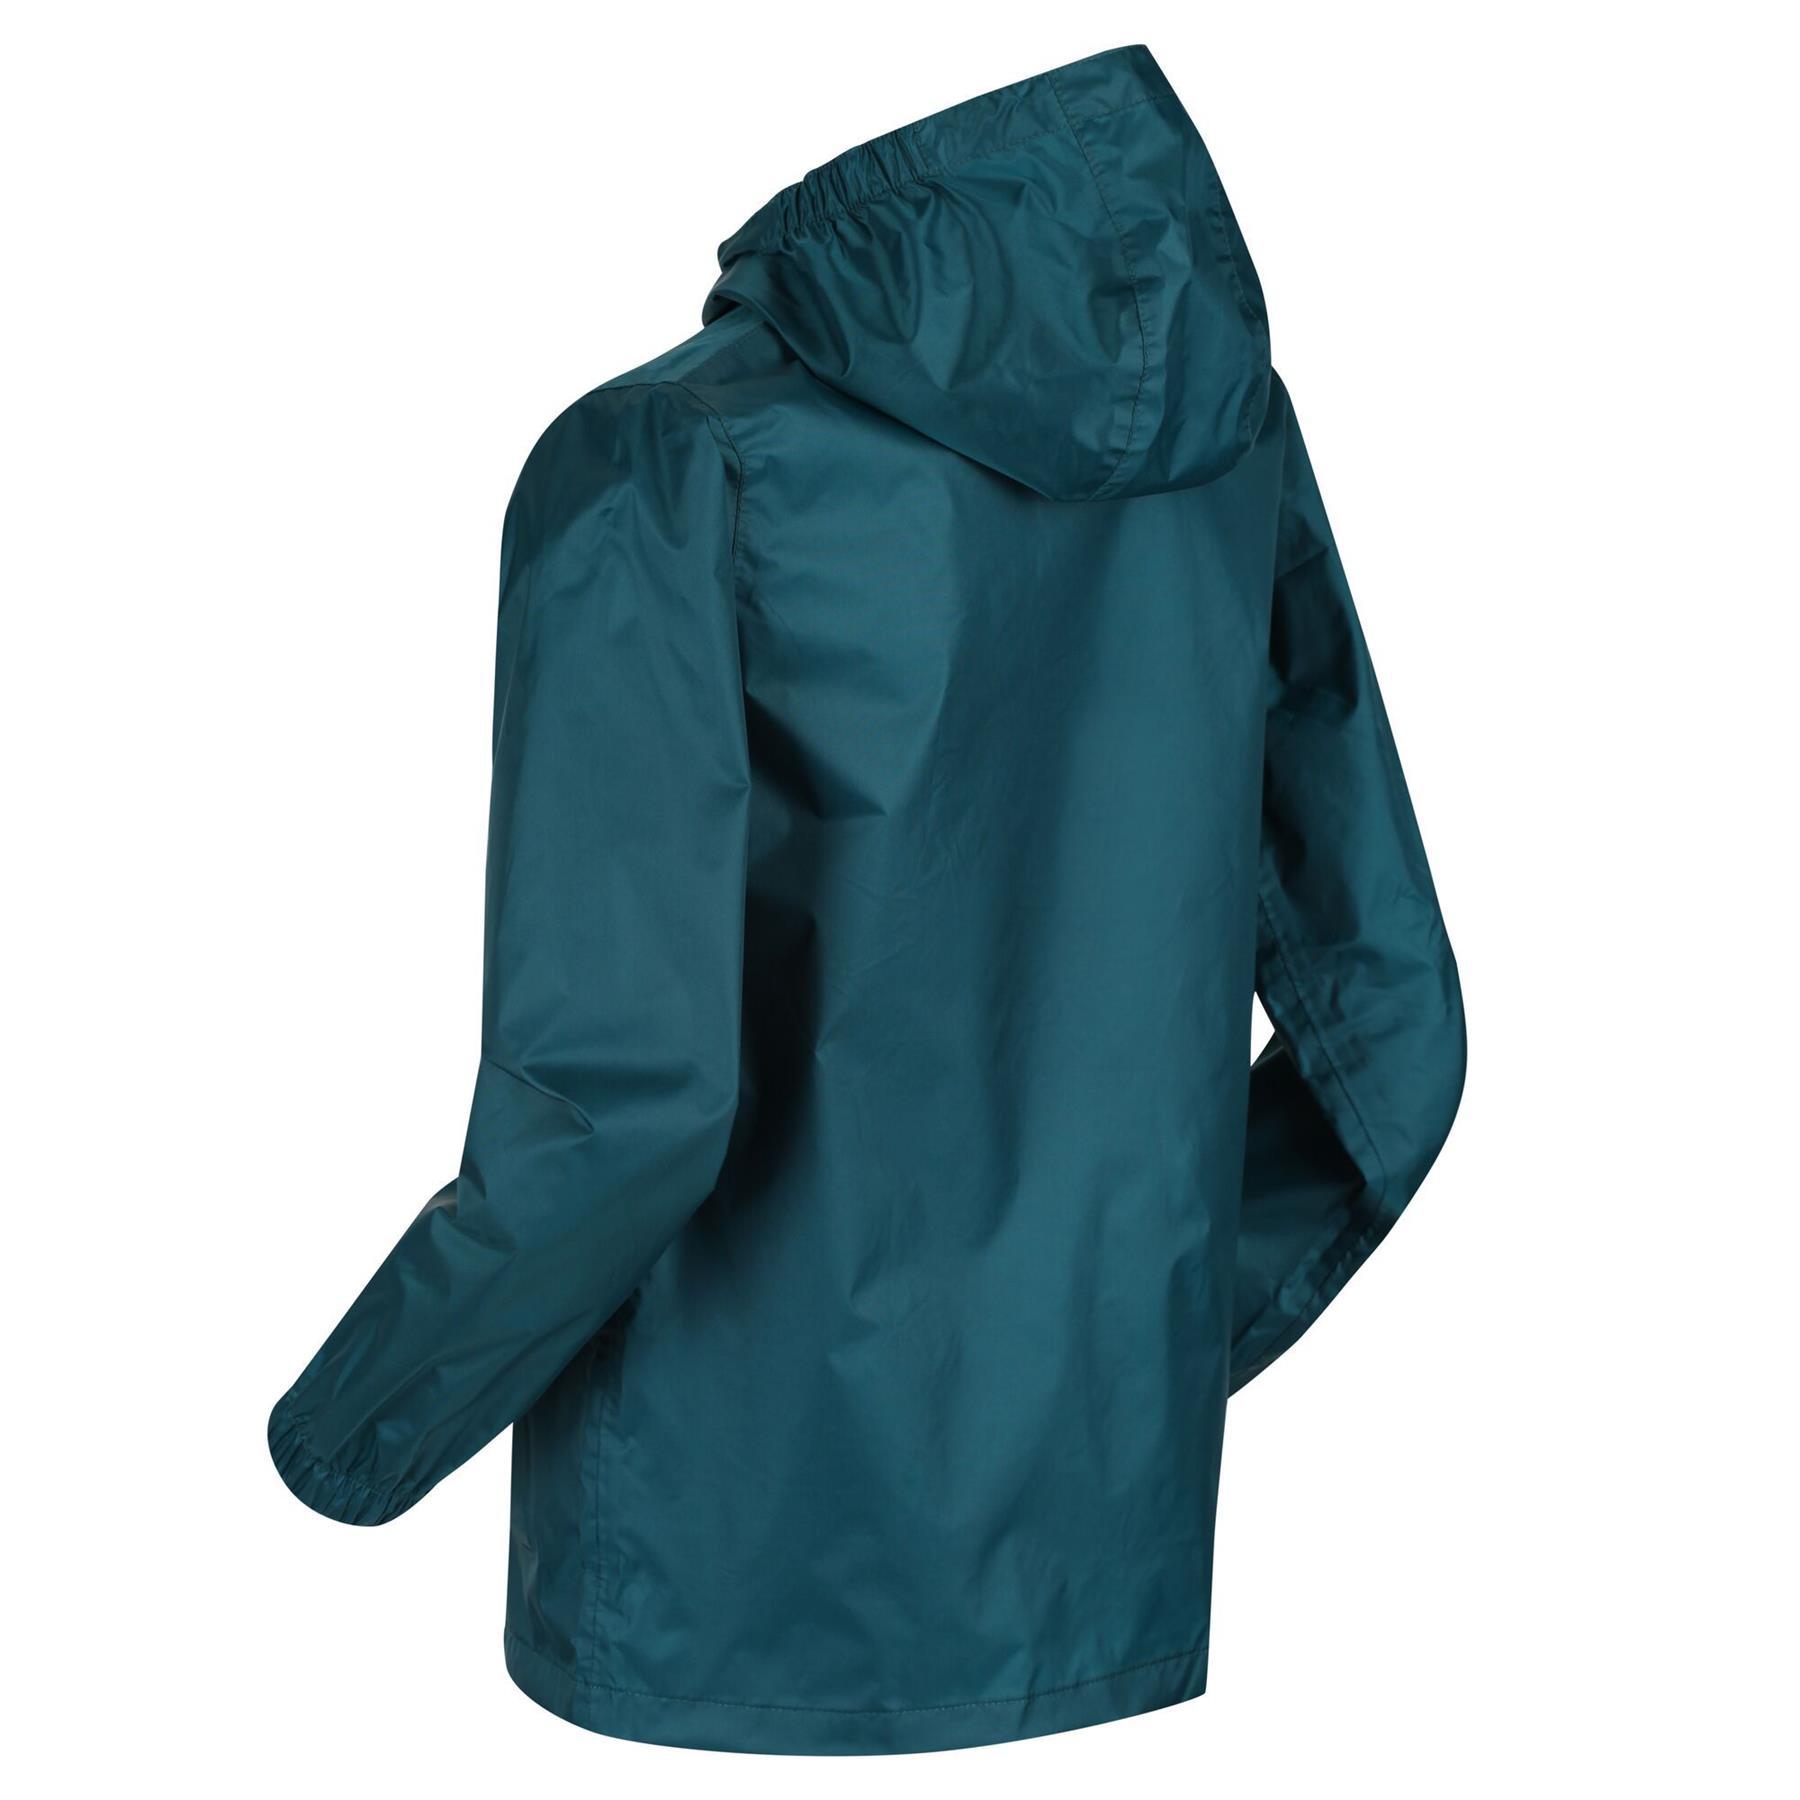 miniatuur 8 - Regatta Kids Pack it Jacket II Lightweight Waterproof Packaway Jacket Boys Girls